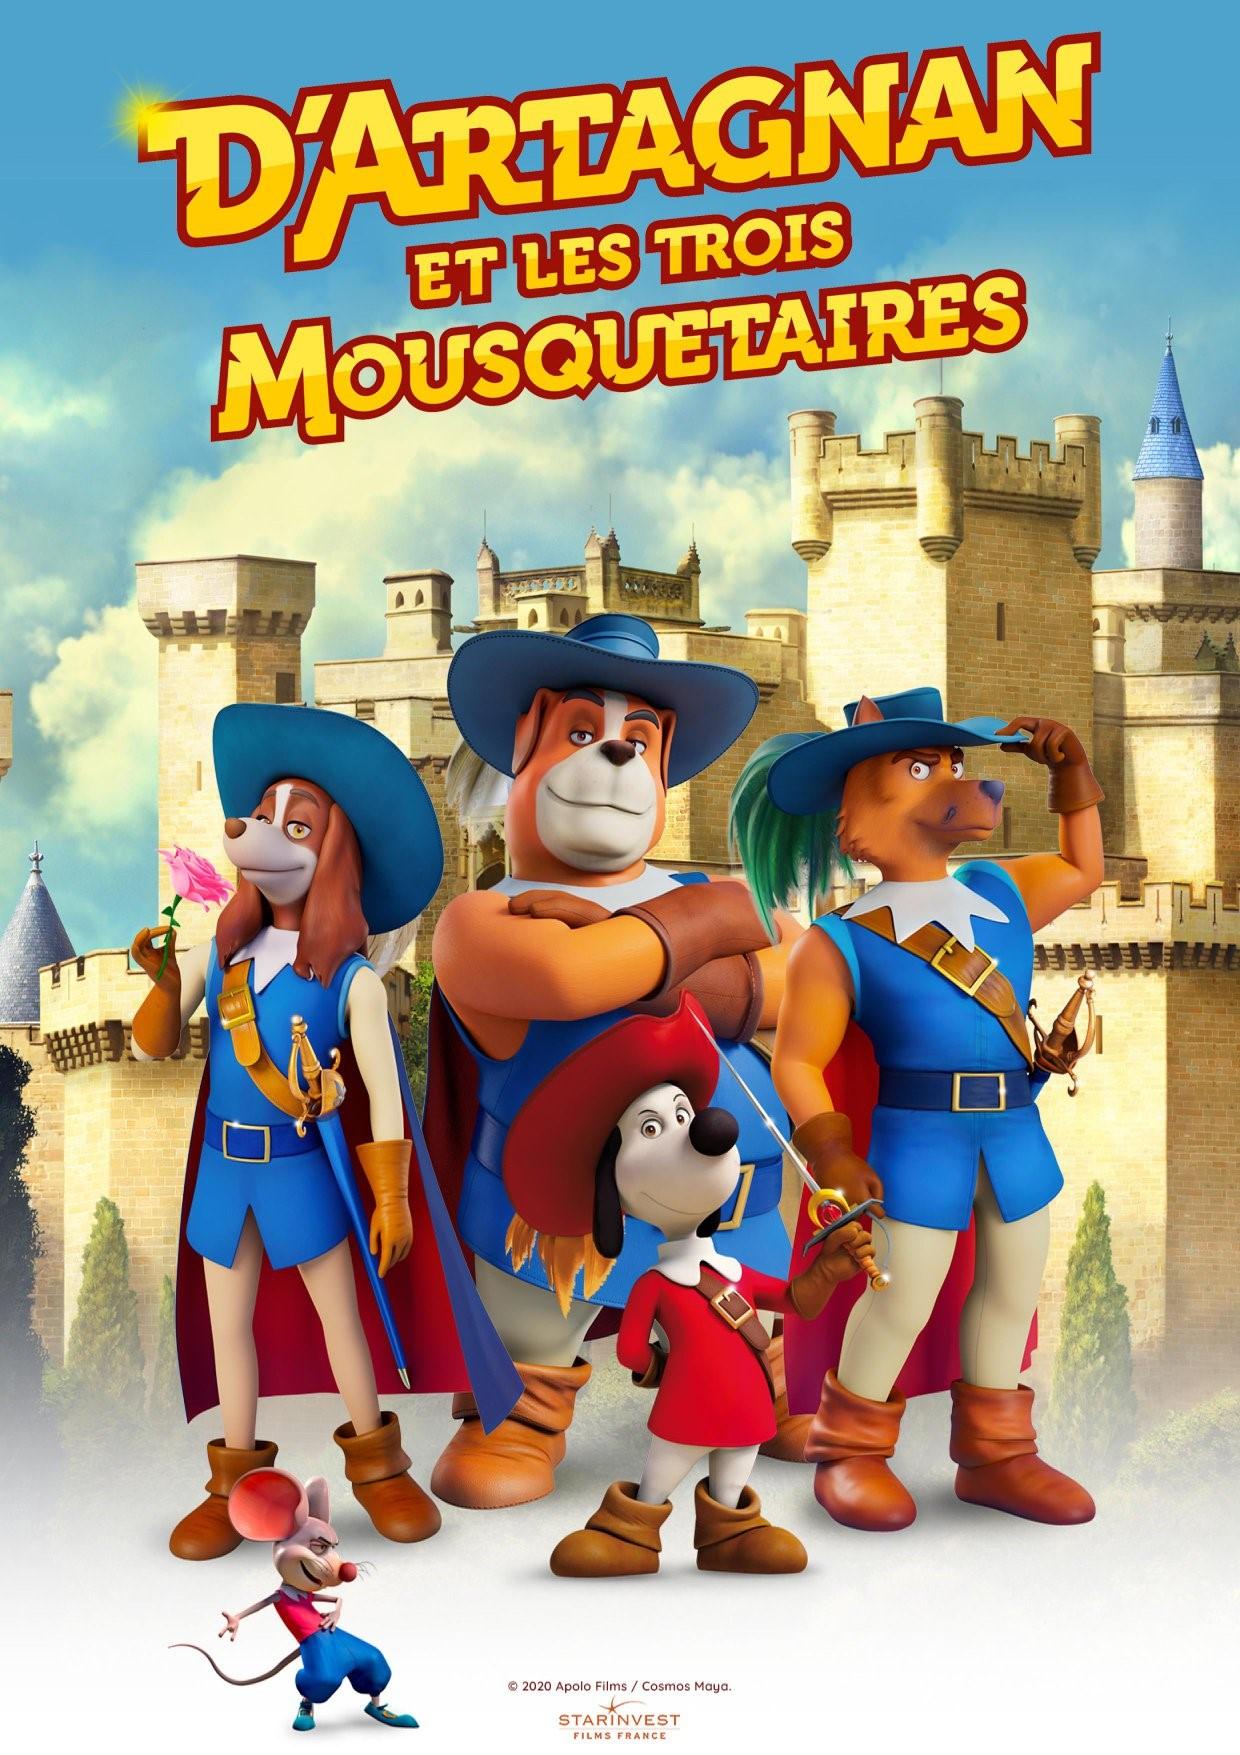 D'Artagnan et Les Trois Mousquetaires enfin au cinéma D_arta10